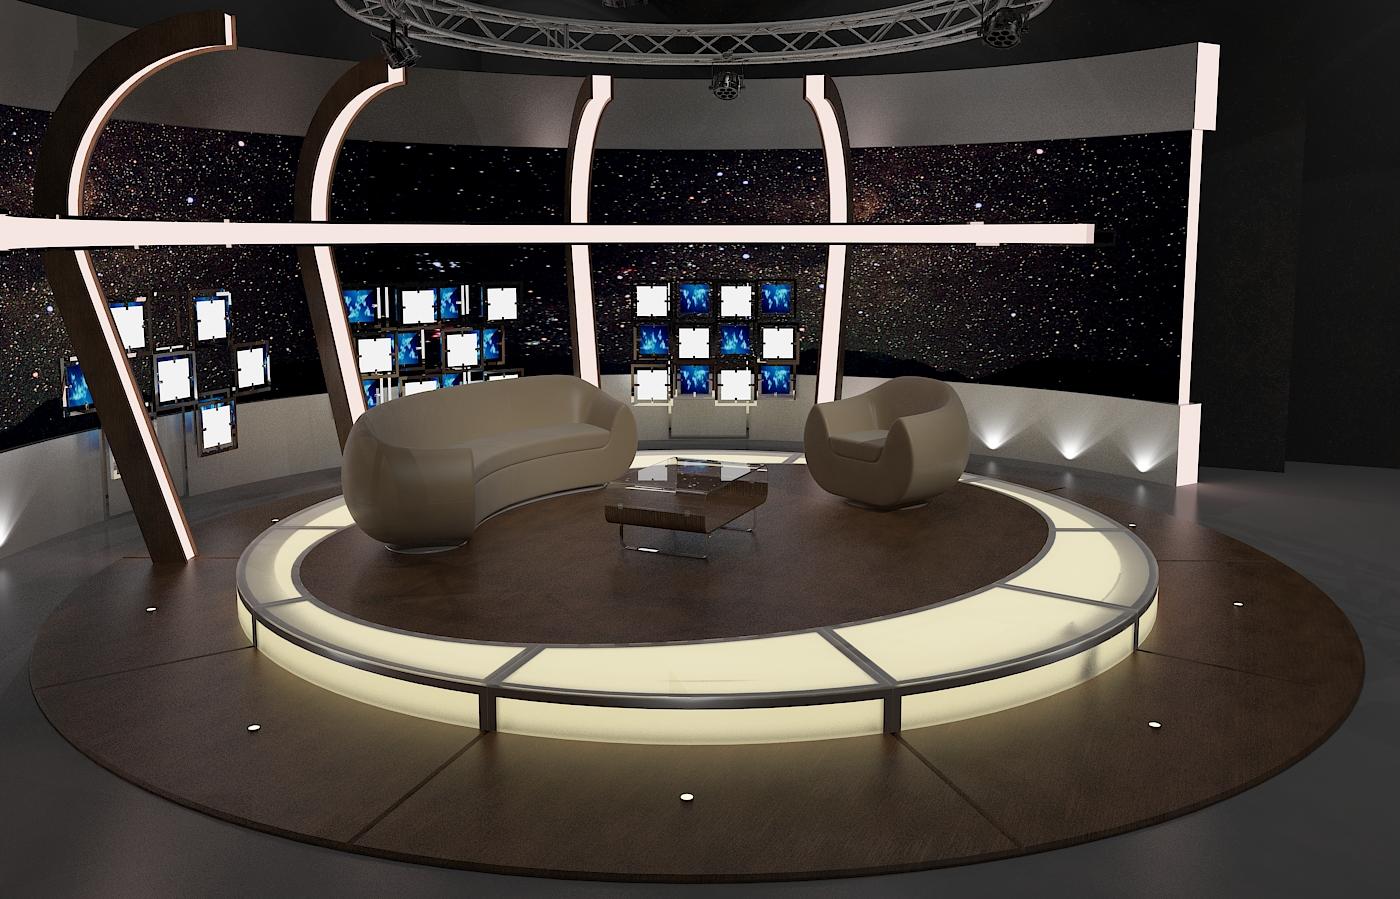 Виртуал ТВ чат 20 3d загвар max dxf fbx obj 207146-ийг тохируулж байна